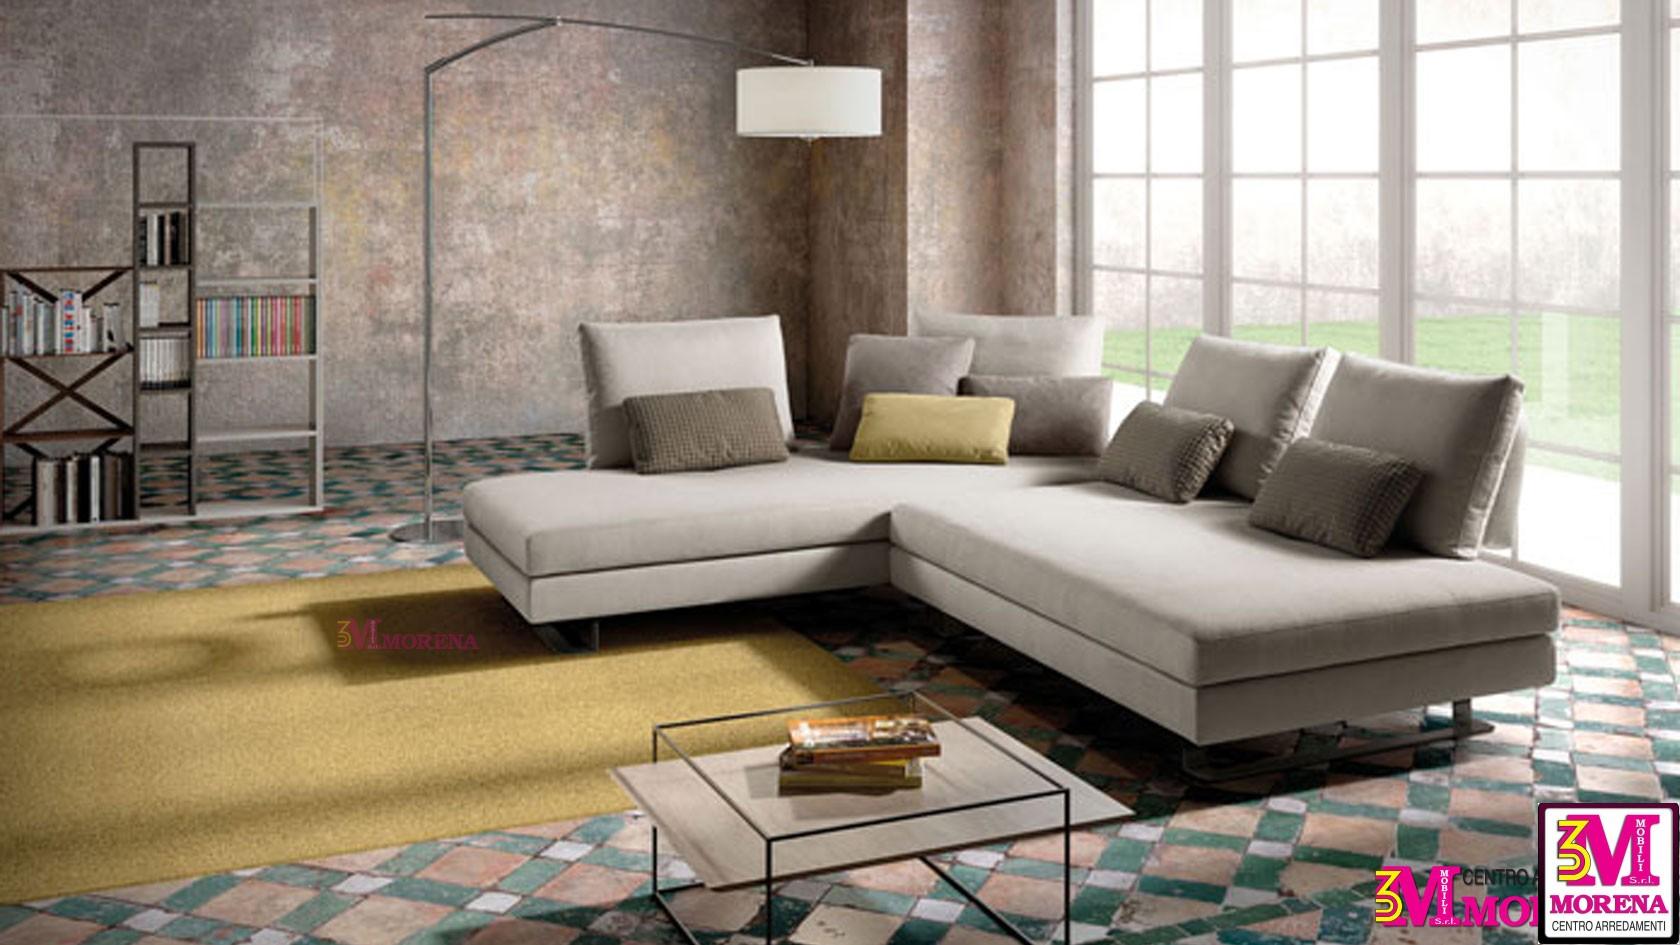 divano harm ny On divano harmony